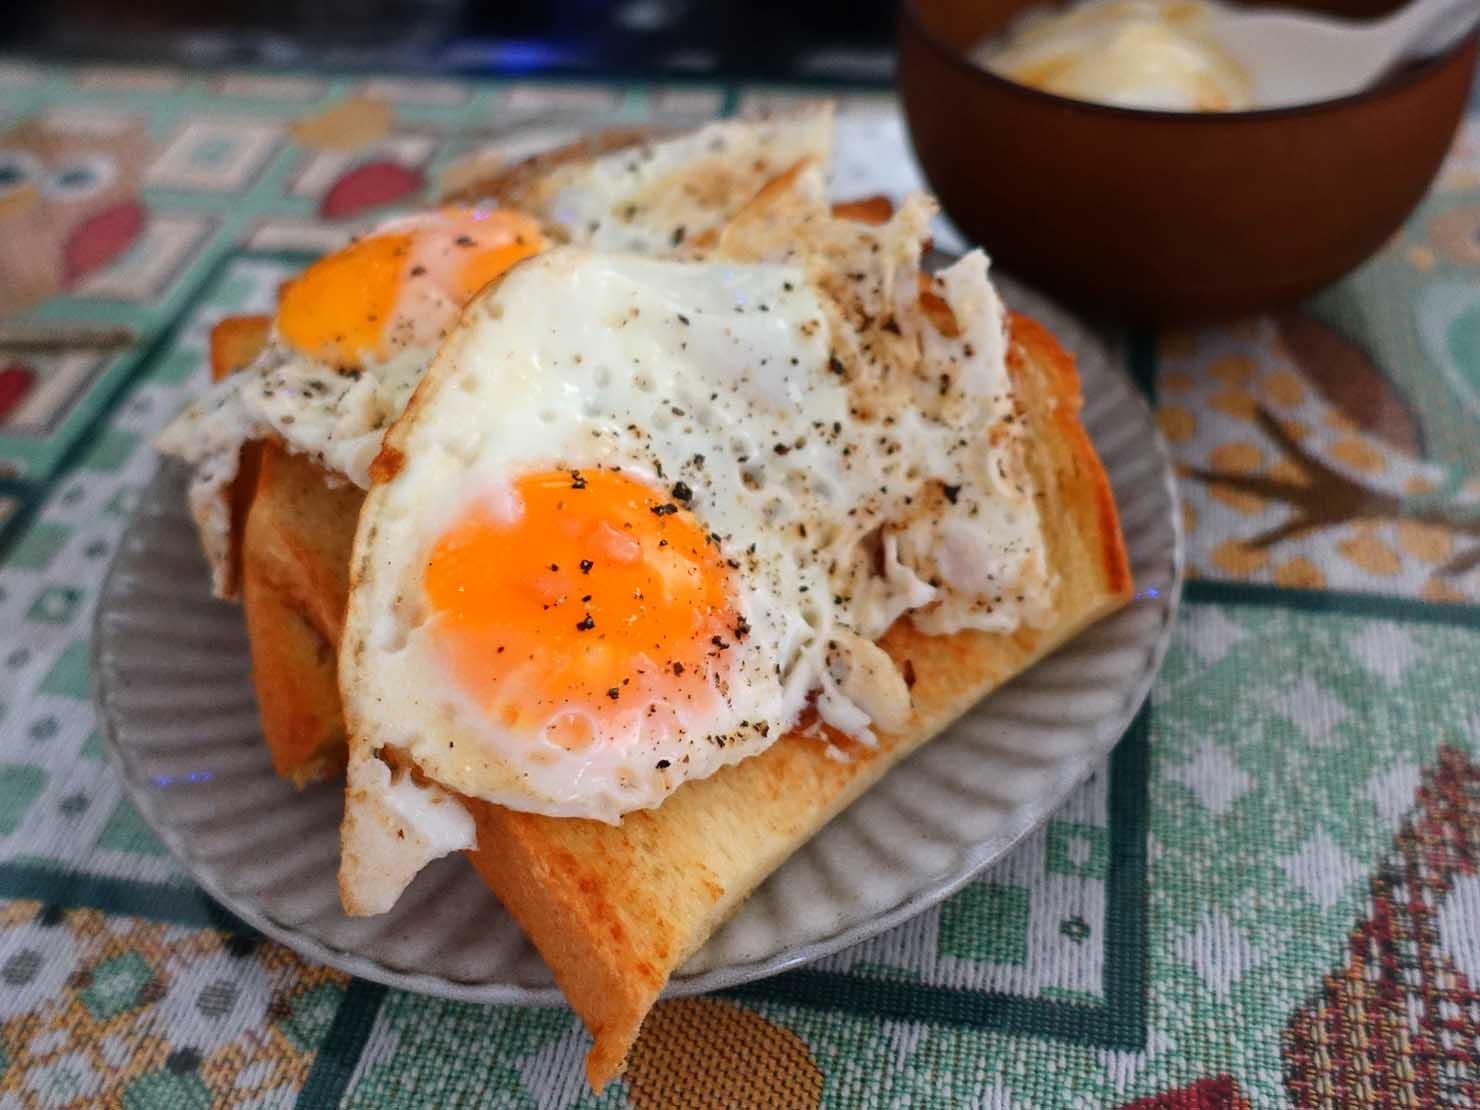 台湾家庭の必需品「大同電鍋(ダートン・ディエングオ)」で焼いたトーストと目玉焼き